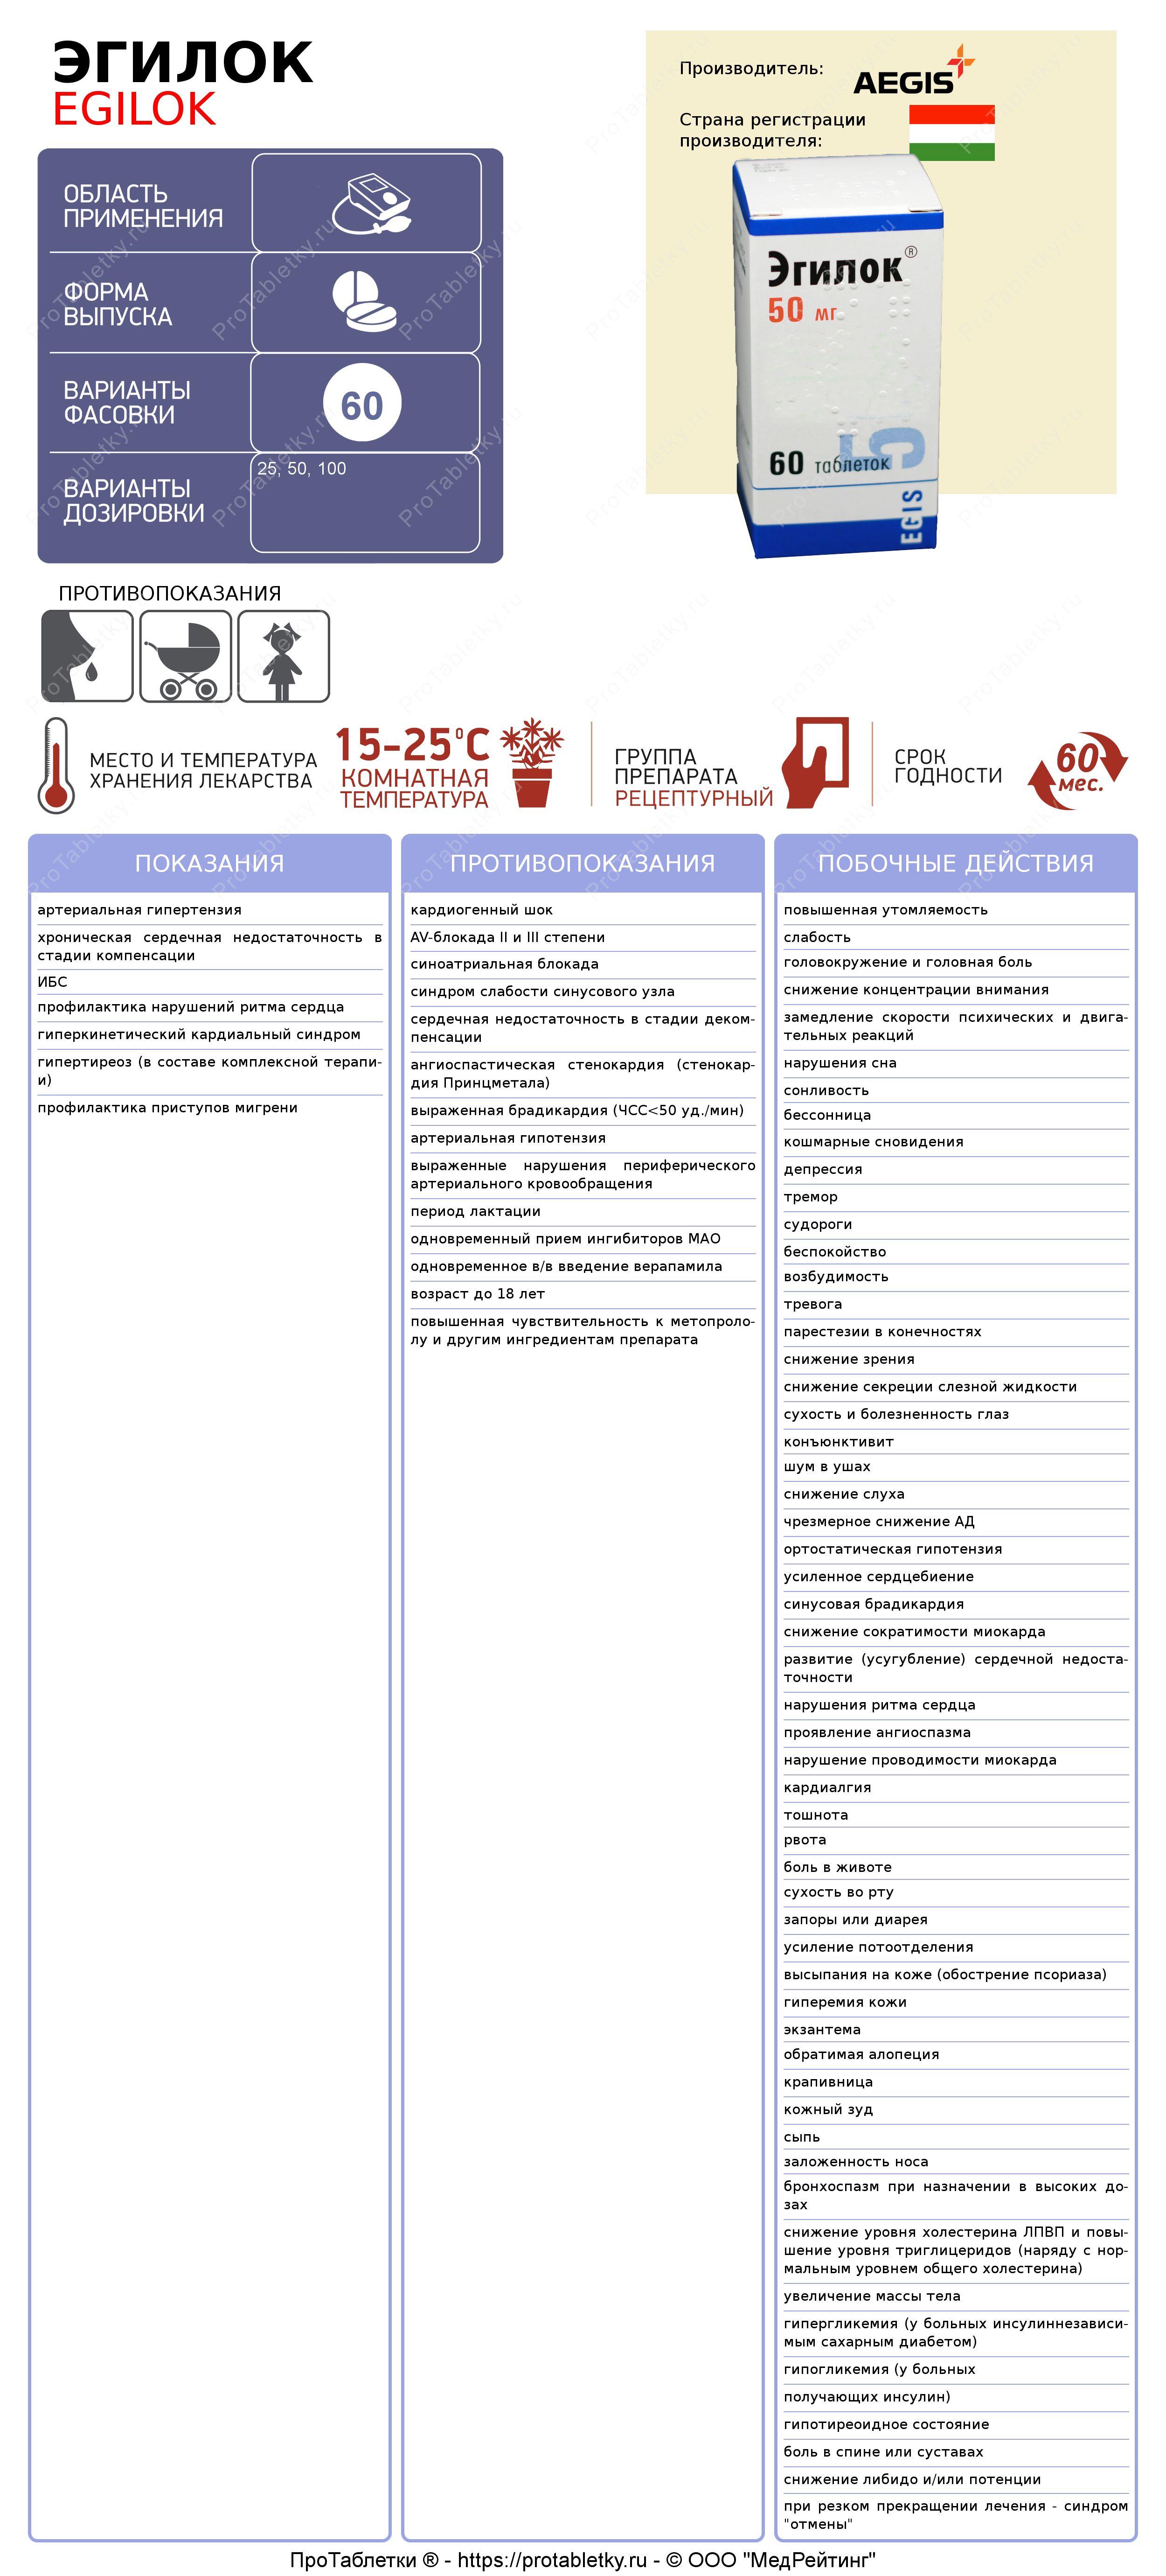 Инструкция по применению эгилок.